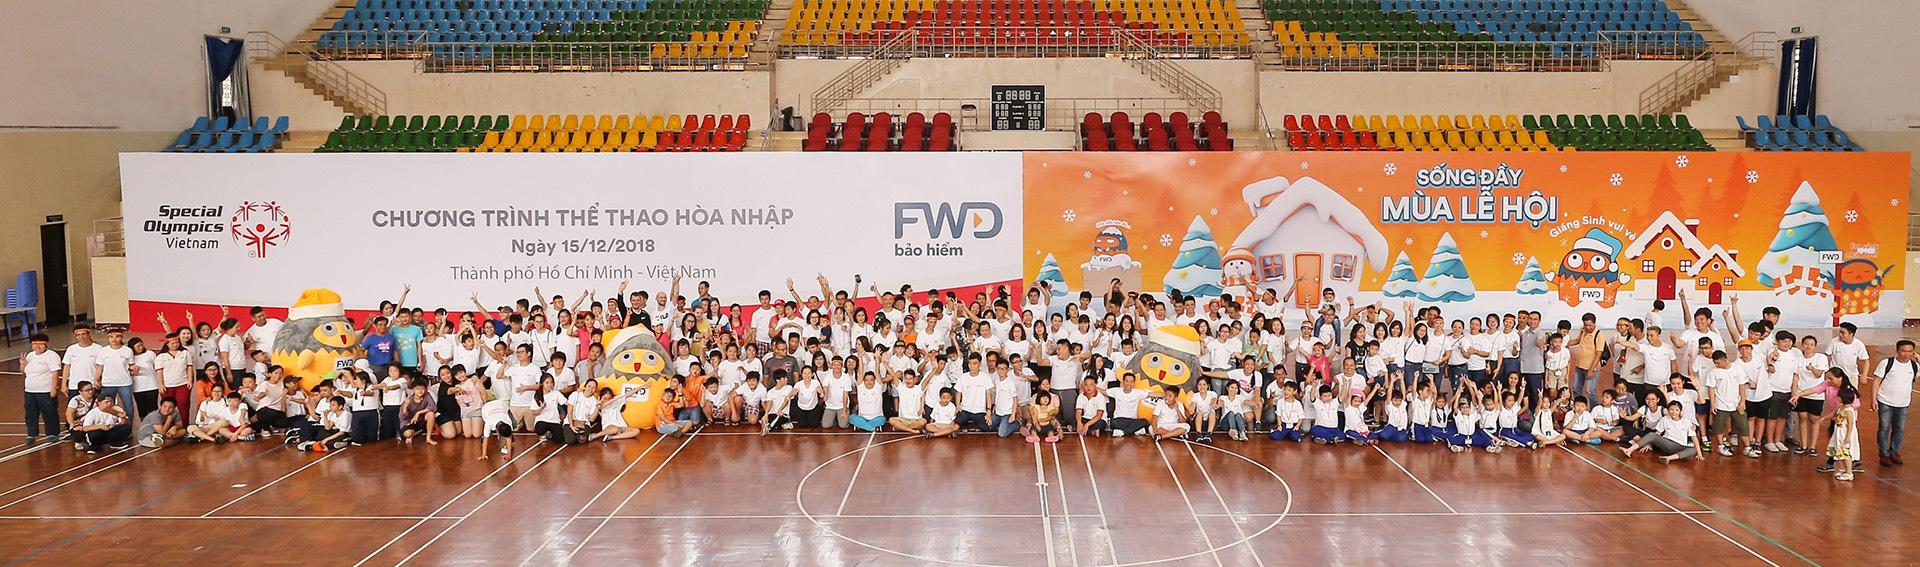 Hành trình hứng khởi tạo nên nguồn nhân lực hạnh phúc ở FWD - Ảnh 14.